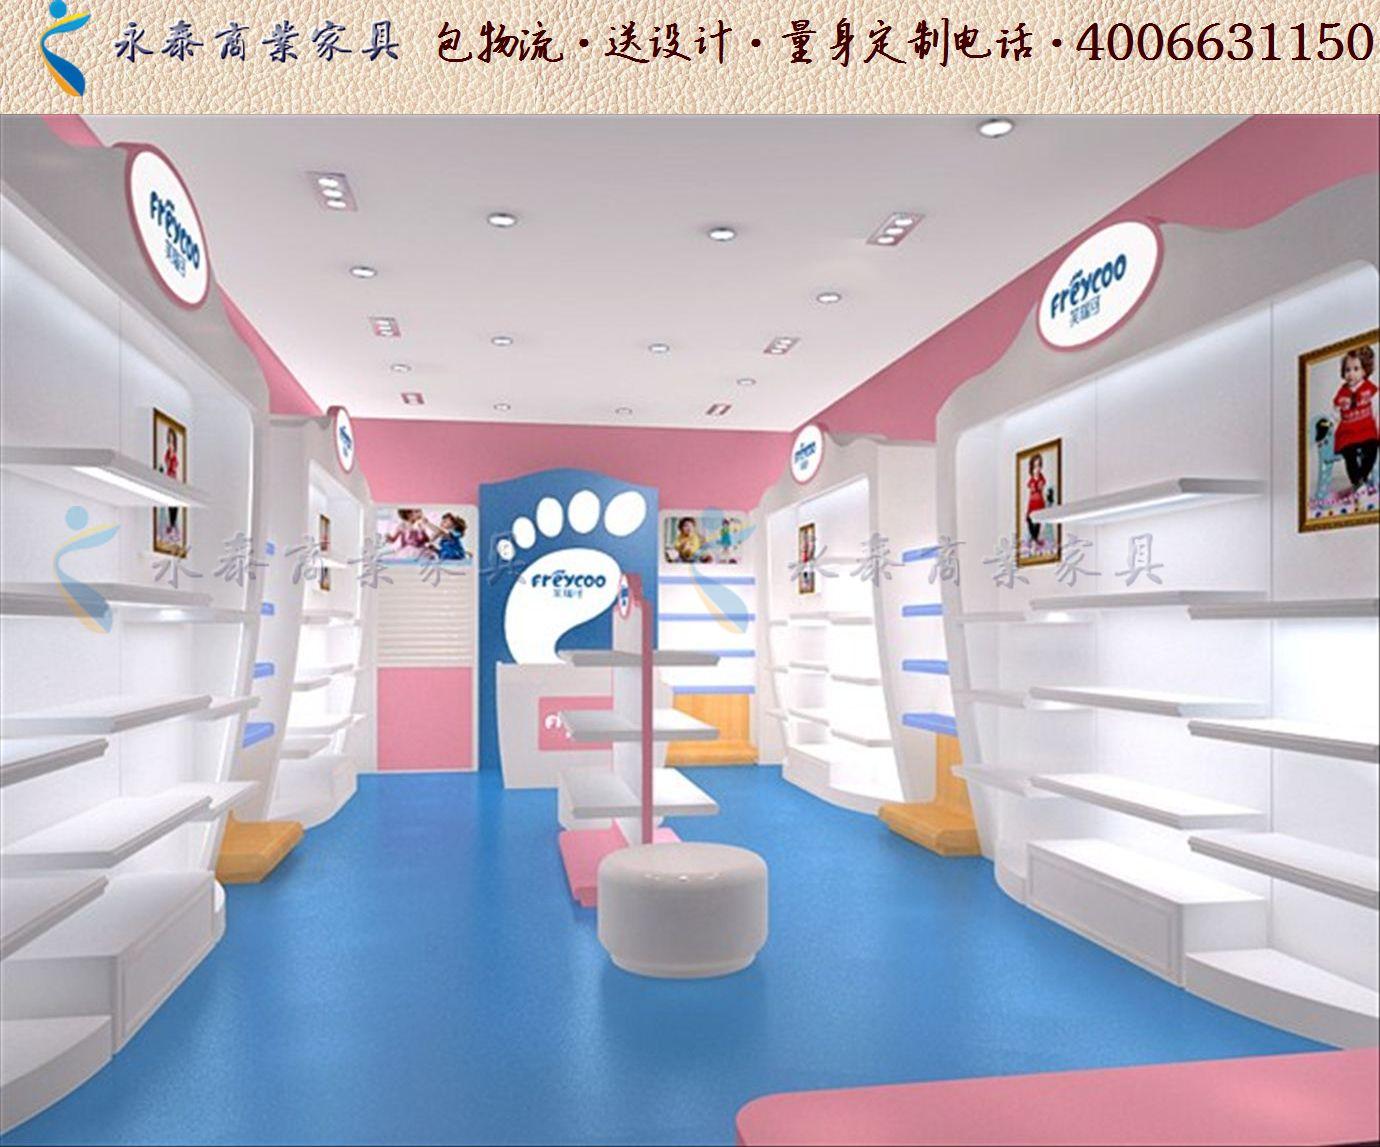 创意童装母婴店装修效果图大全个性母婴童装用品货架图片1214